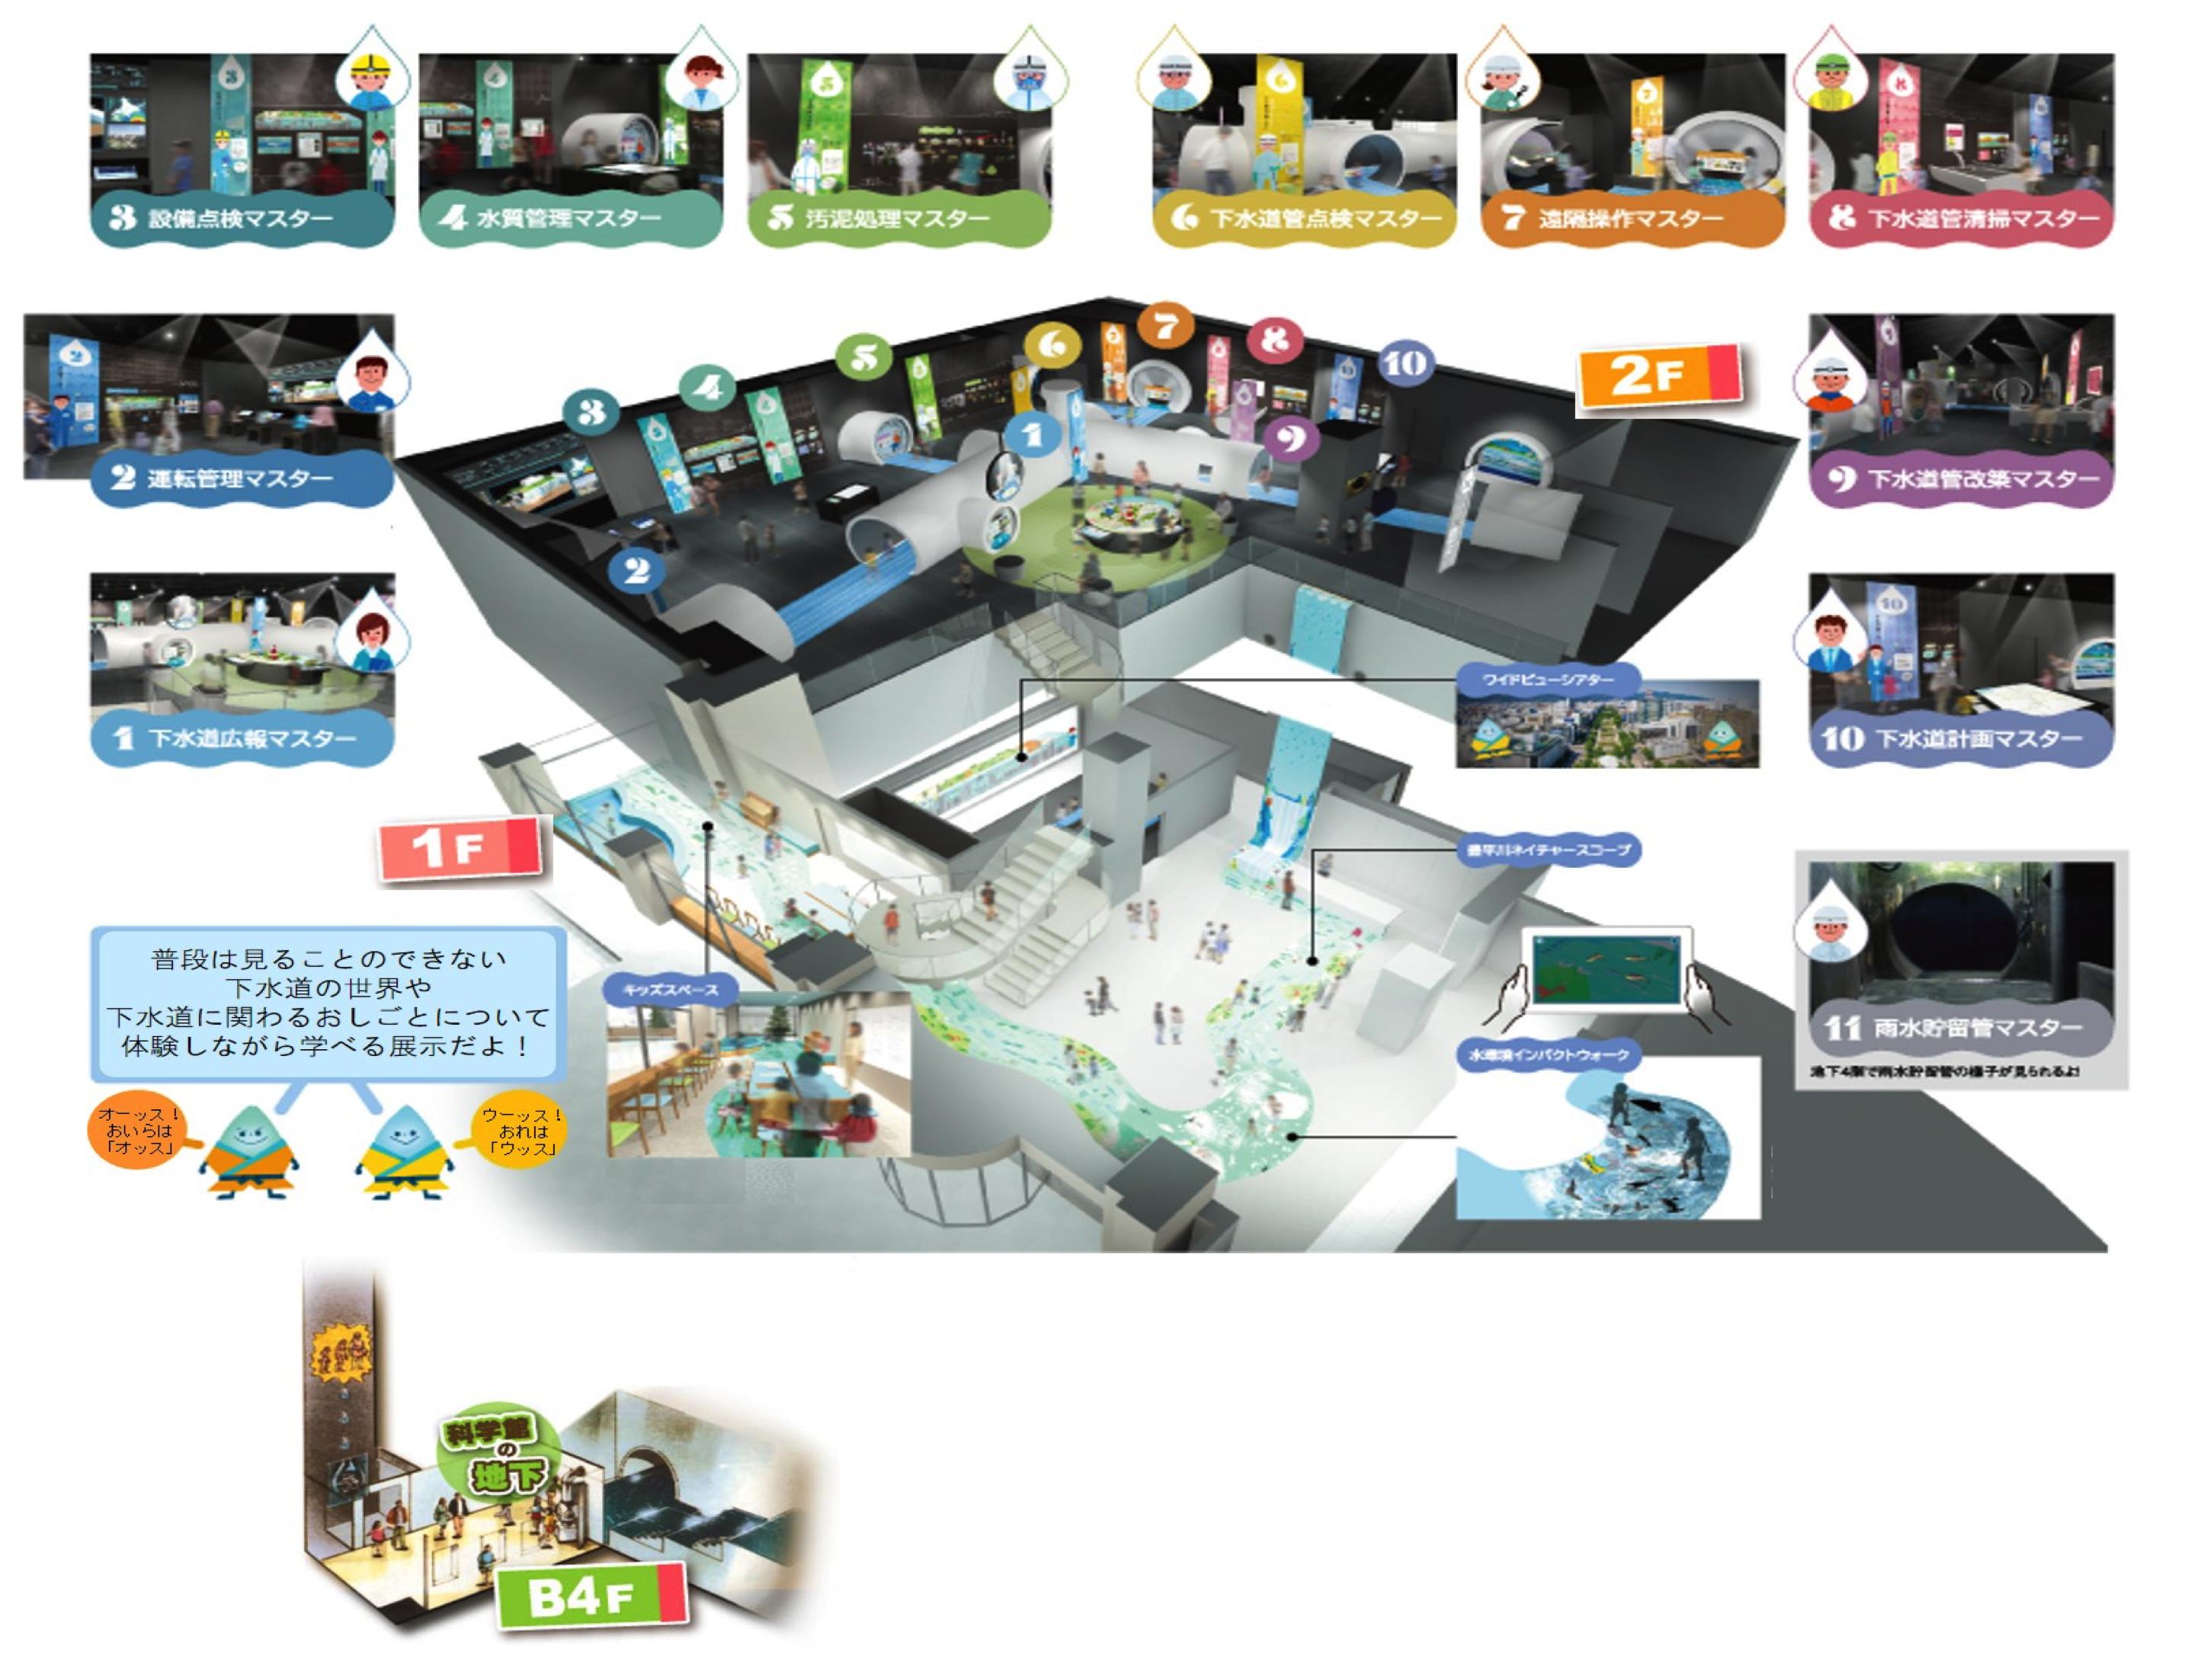 下水道科学館フロアのイメージ